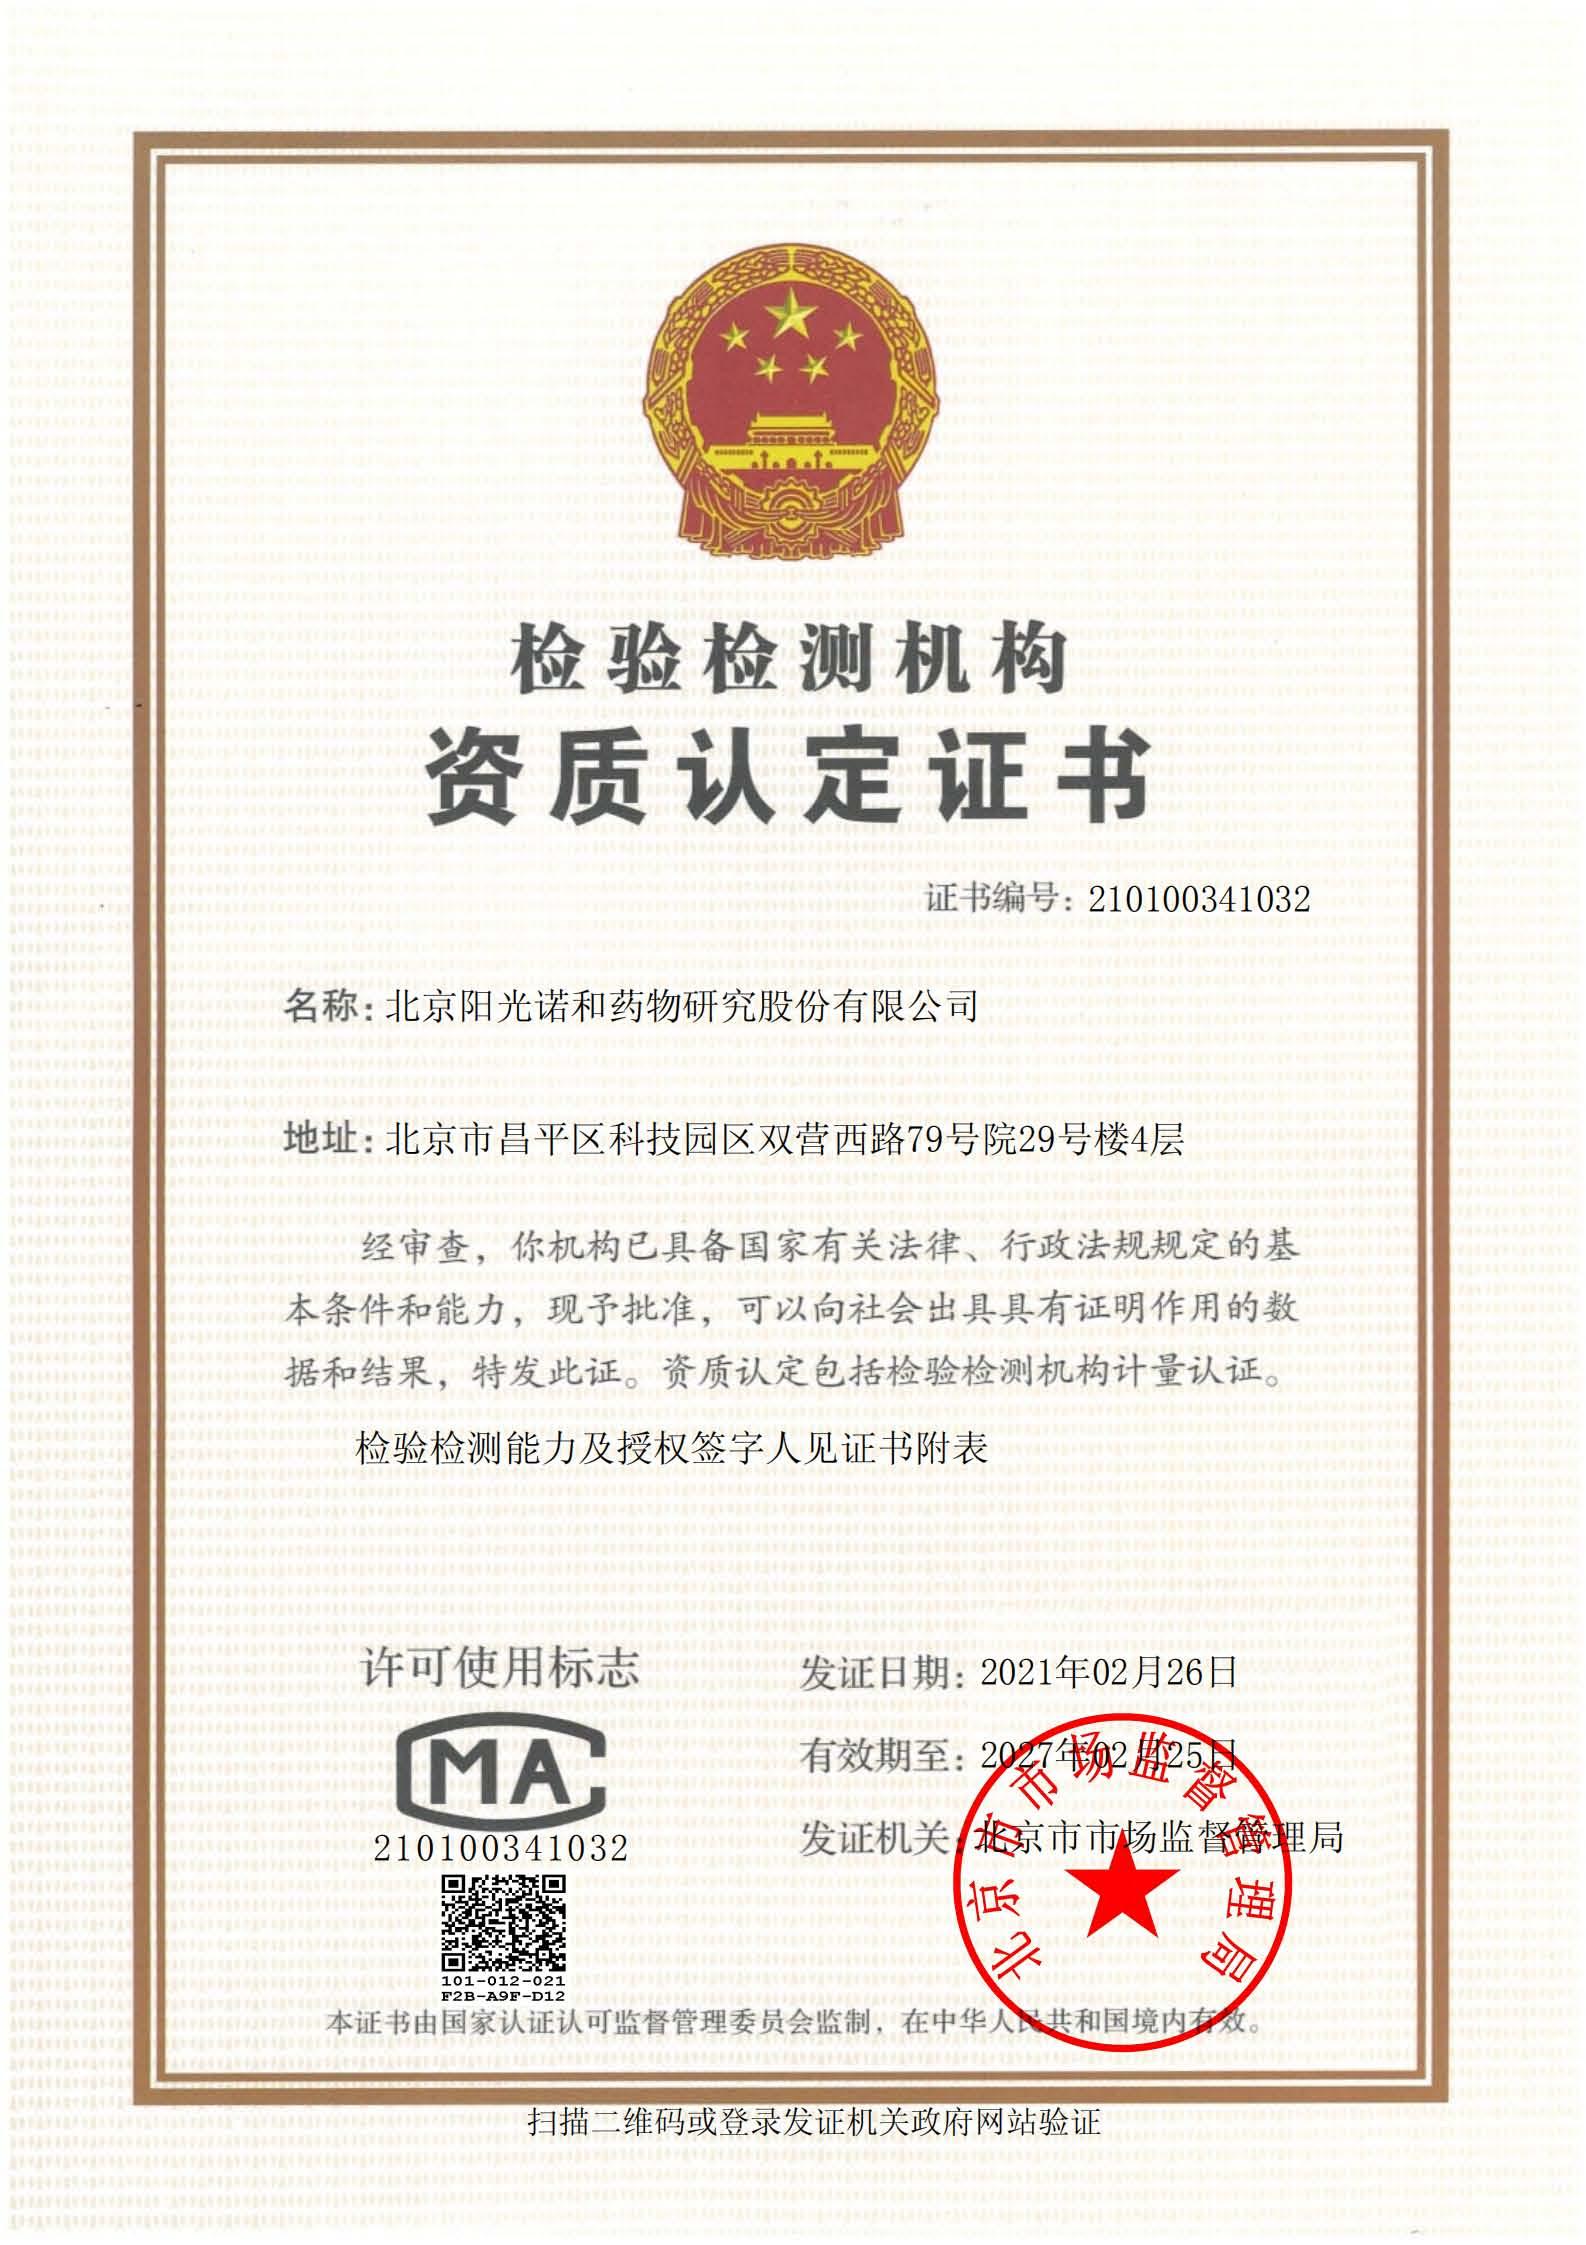 諾和-檢驗檢測機構資質認定證書2021